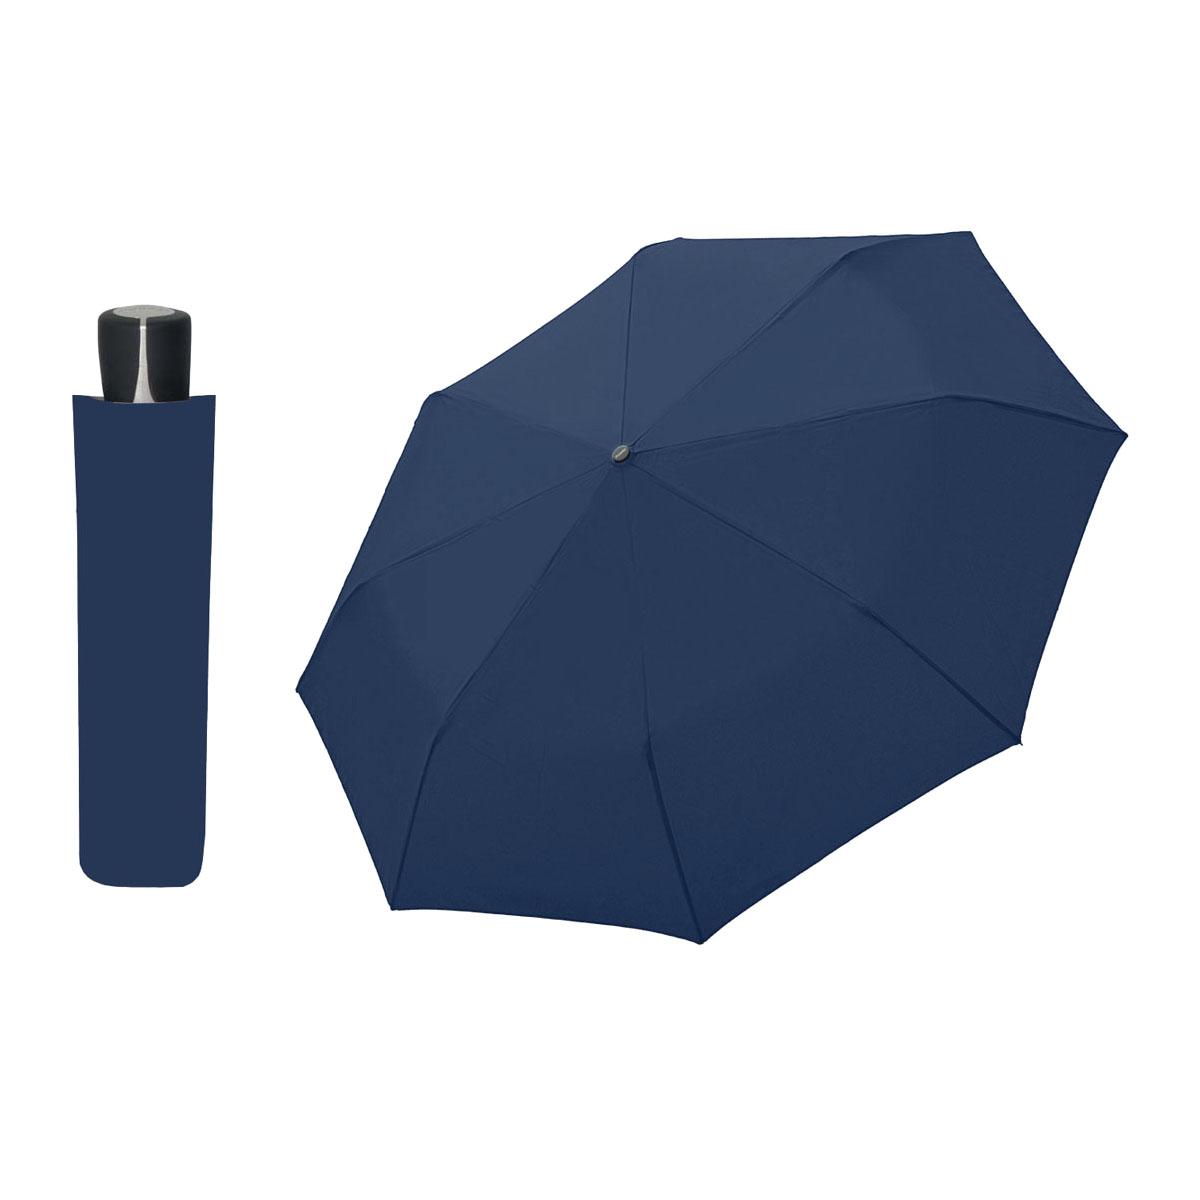 DOPPLER Mini Fiber tmavě modrý - dámský/pánský skládací deštník